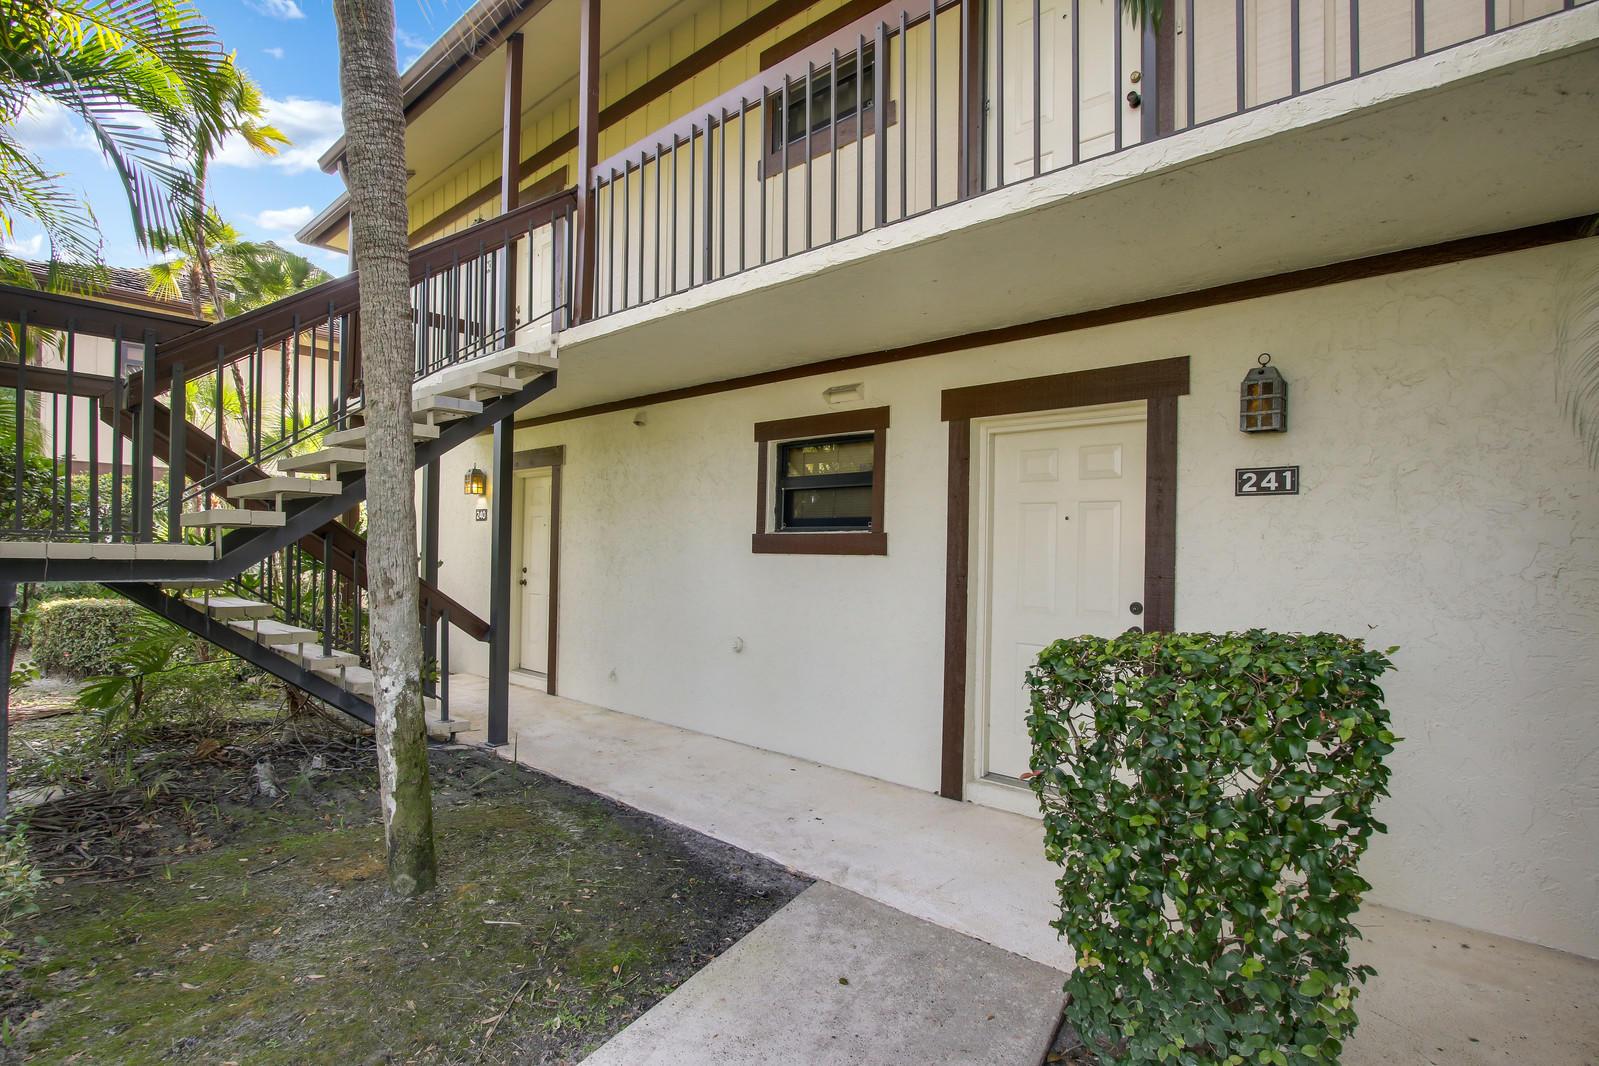 13334 Polo Club Road, Wellington, Florida 33414, 2 Bedrooms Bedrooms, ,2 BathroomsBathrooms,Condo/Coop,For Sale,Polo Club,1,RX-10496602